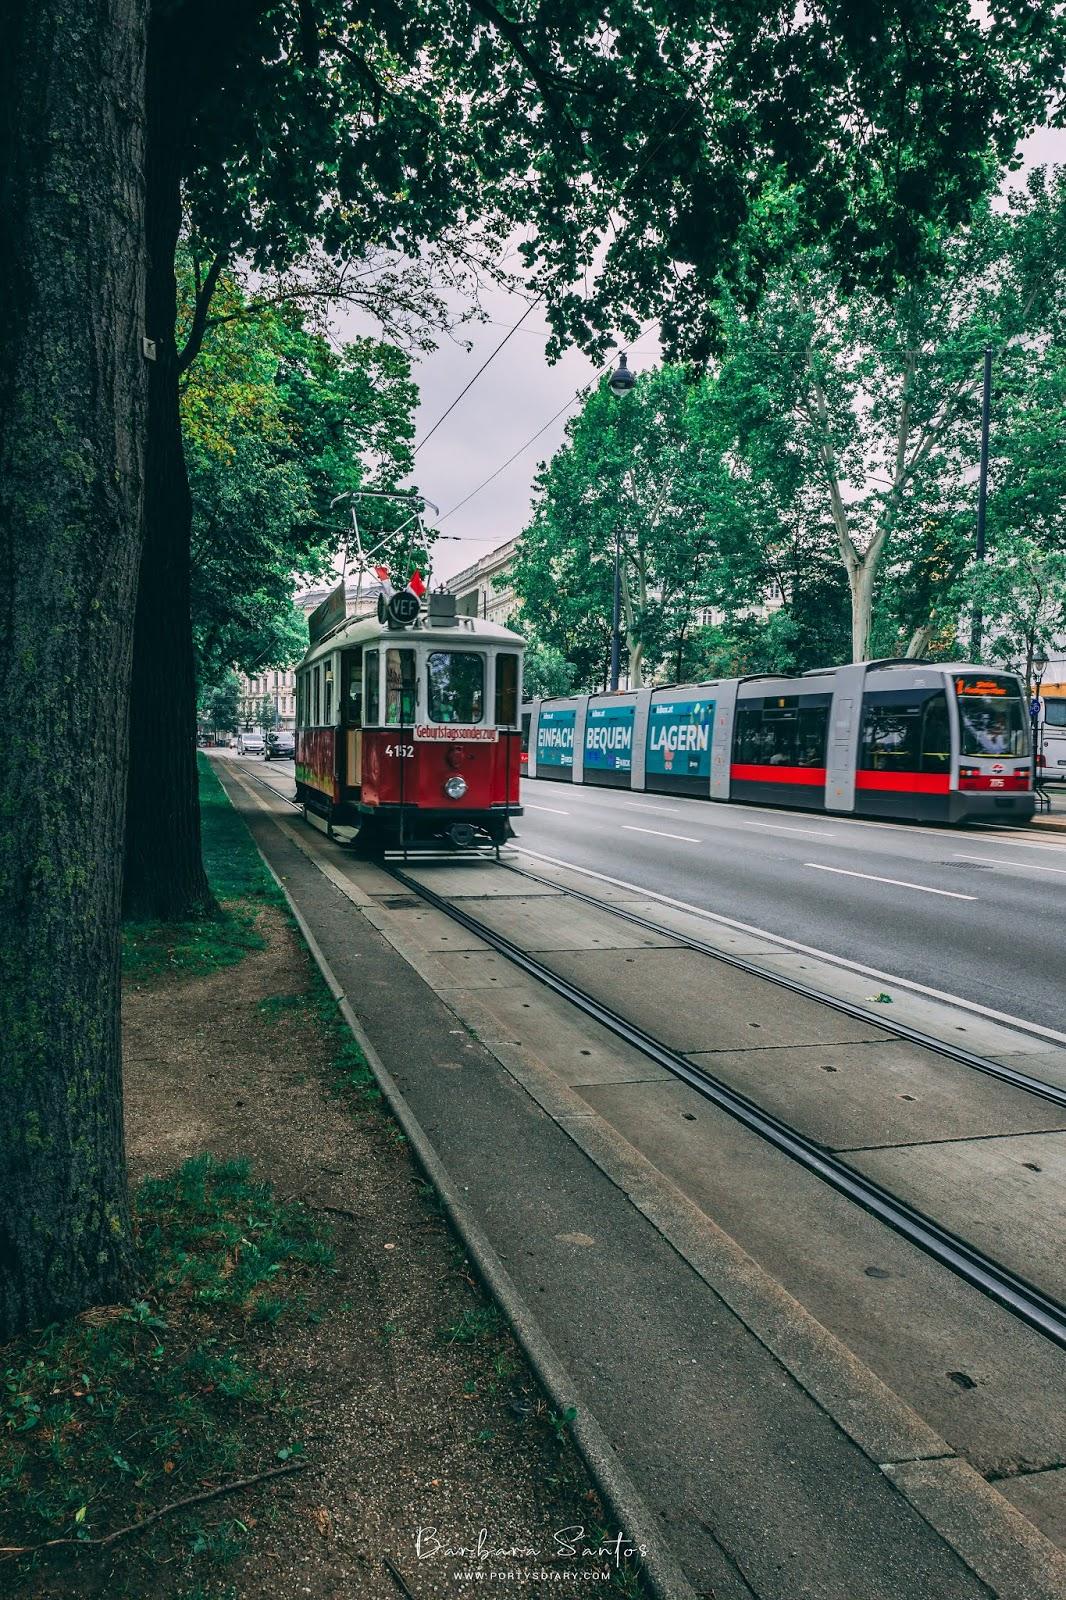 Red tram | Vienna - Travel